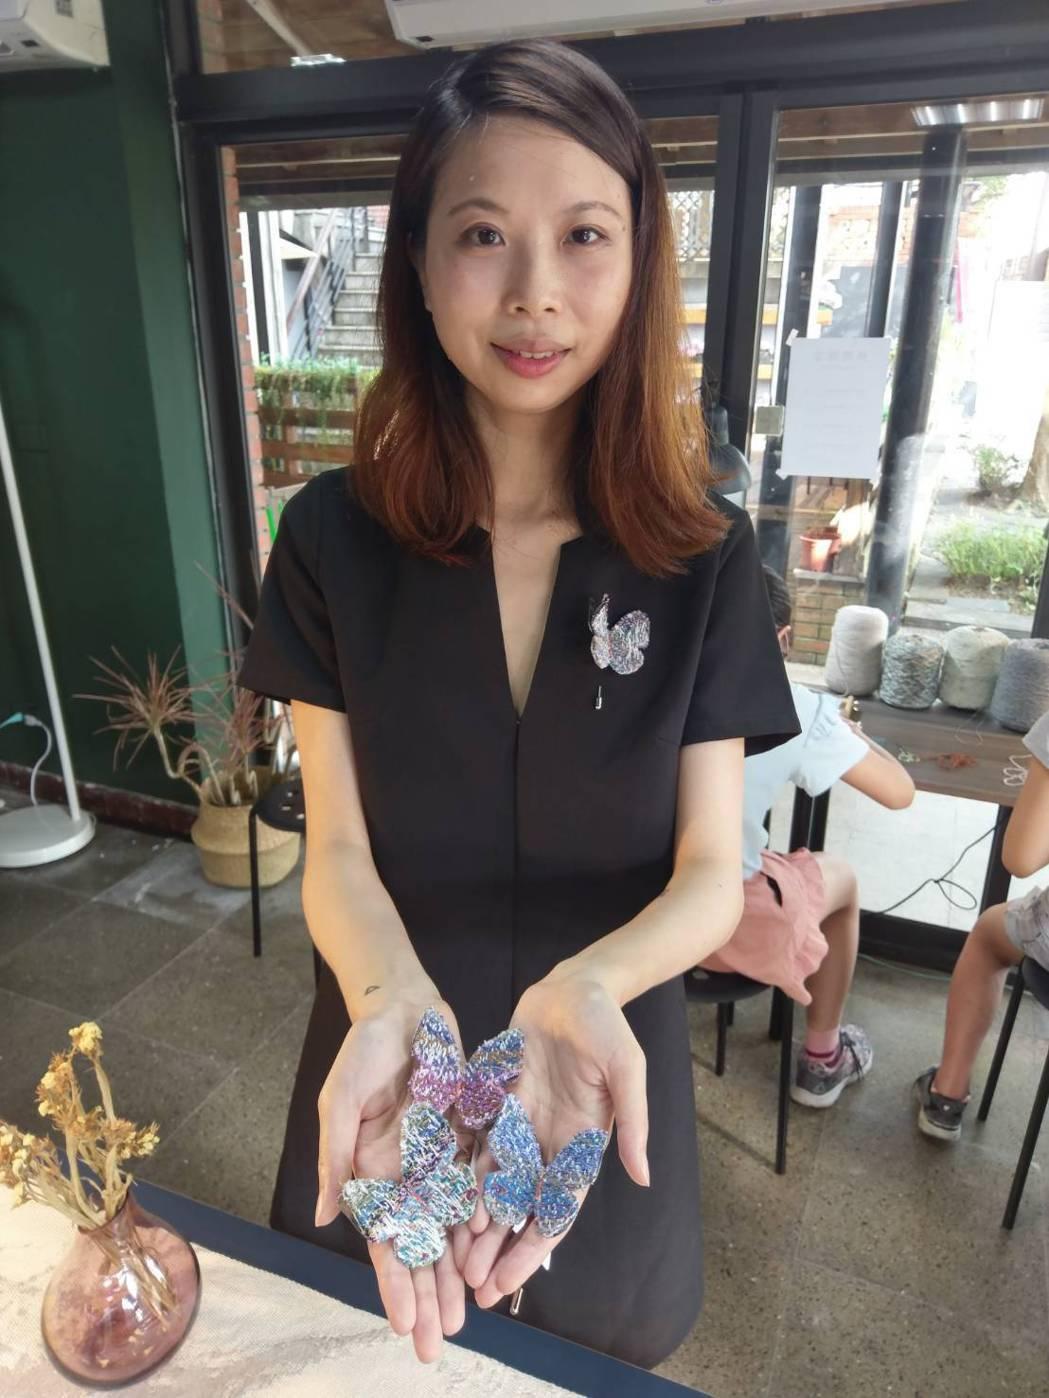 梭織李偵綾老師作品中經常出現蝴蝶的元素,與喪父心情的自我修復有關。傳藝中心/提供